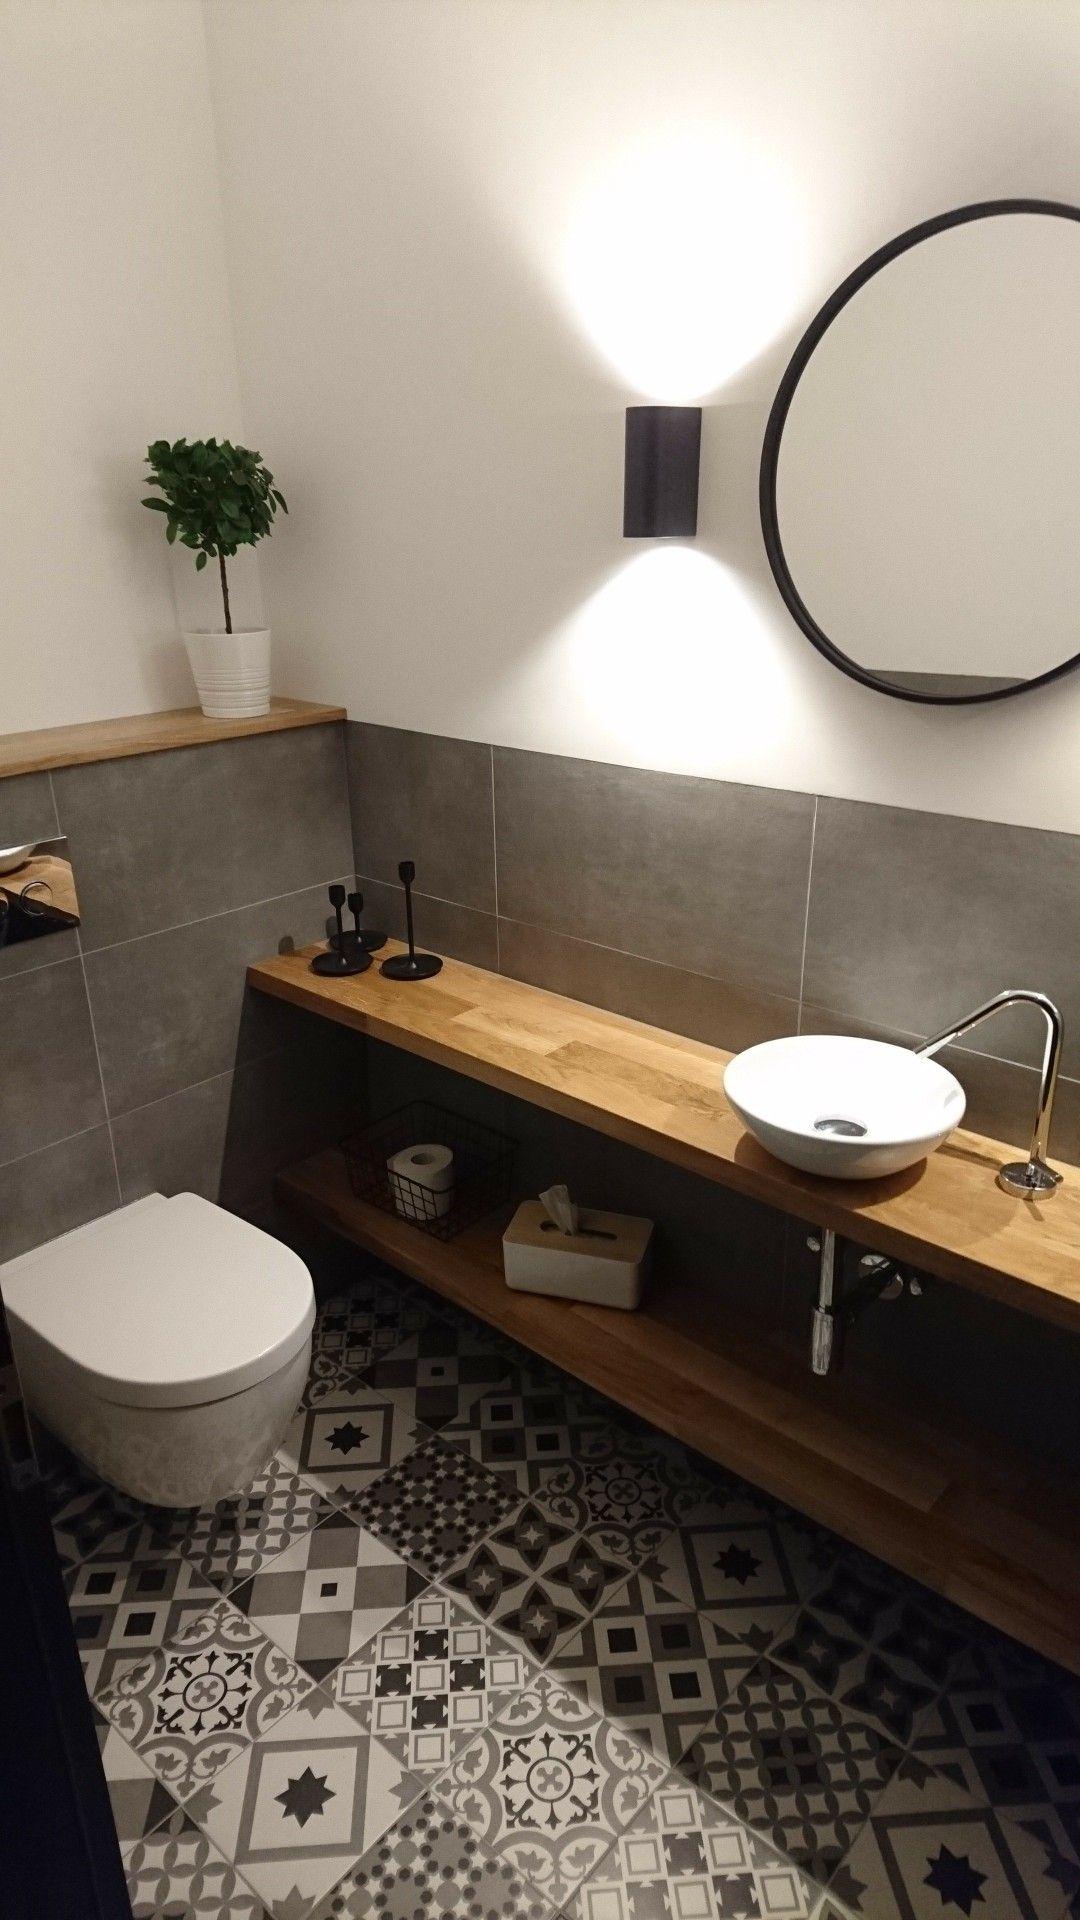 Gäste WC - Retro Fliesen - Eiche #restroomremodel